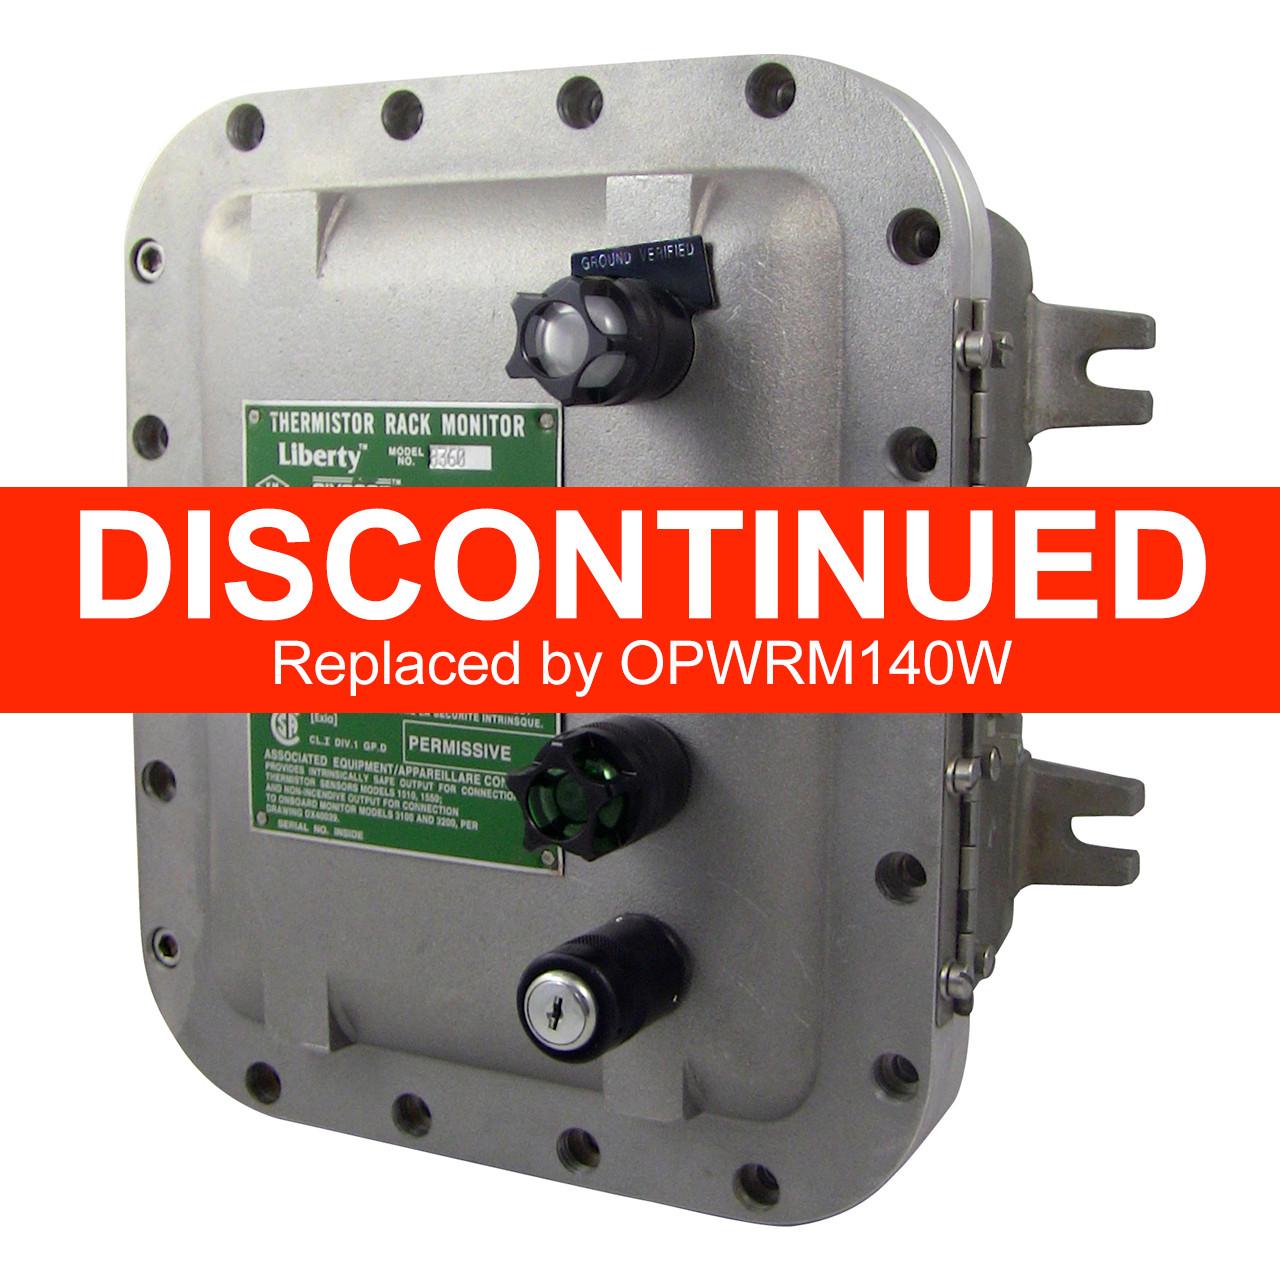 small resolution of civacon 8360 thermistor monitor john m ellsworth co inc civacon thermistor wiring diagram